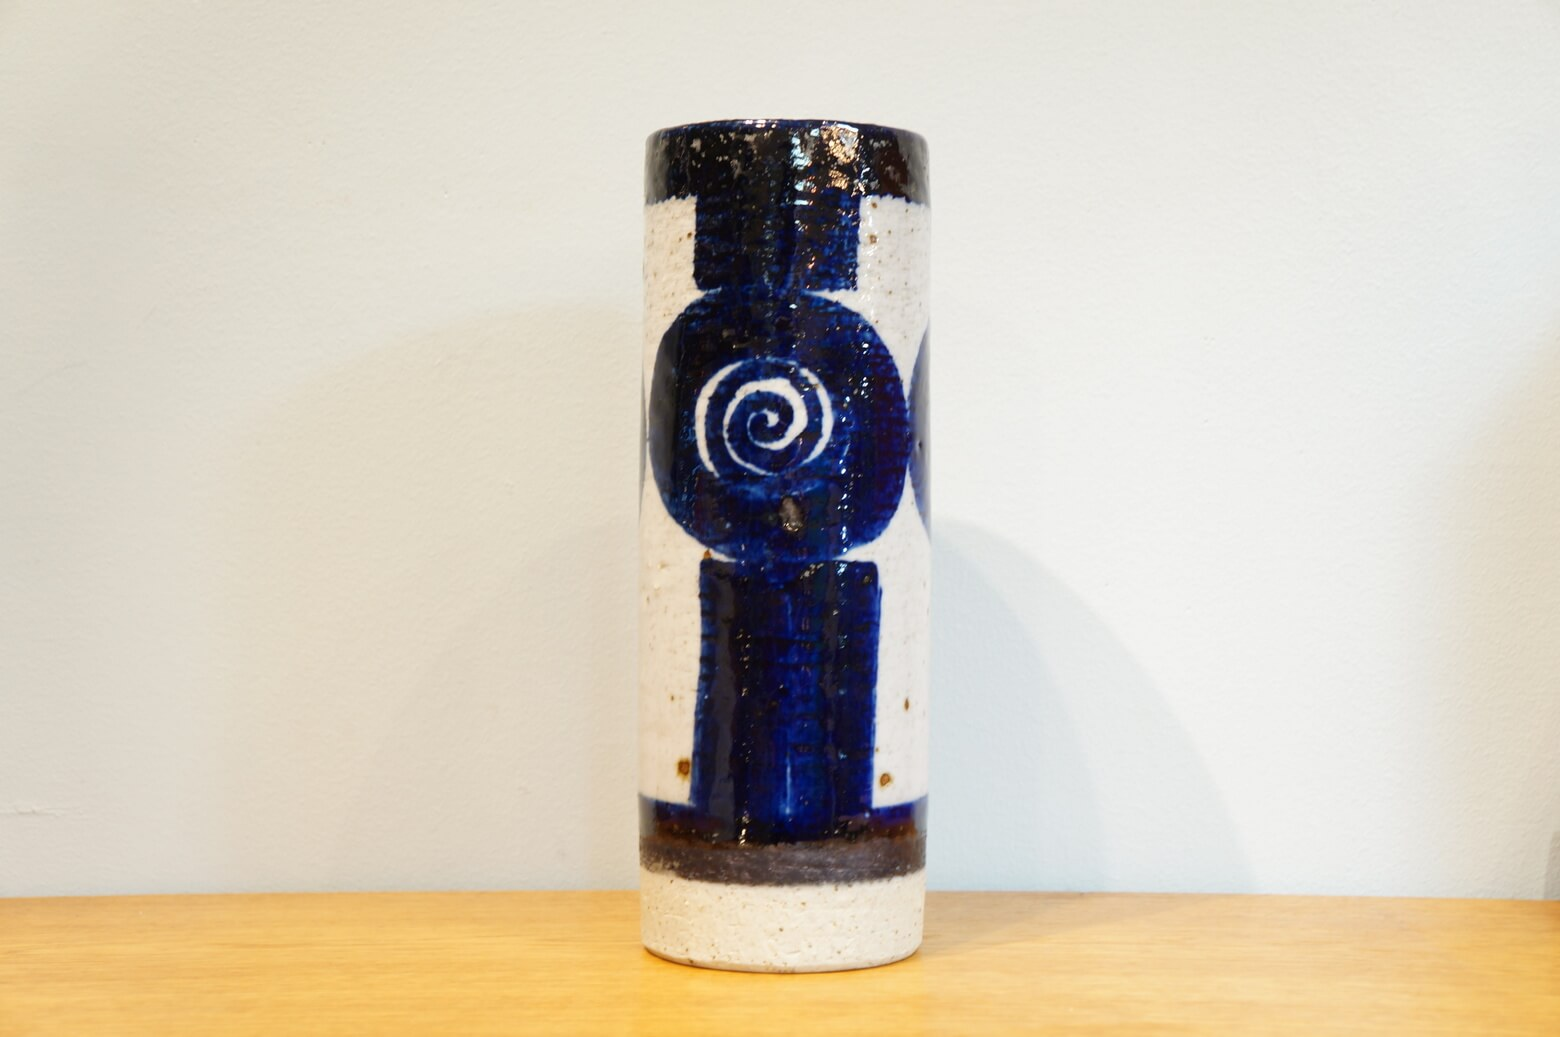 """スウェーデン出身の女性デザイナー、インガー・パーソン作のフラワーベース。 こちらはロールストランドのアート部門""""アトリエ""""で制作されました。 分厚くずっしりとした造りのベースに深みのある紺色で力強くペイントされています。 渦巻きにもお花にも見える個性的なペイントです。 ツヤのある釉薬をかけている部分と、根元のざらっとした質感を残した部分と、質感の違いも楽しめます。 存在感たっぷりのフラワーベースです。 経年による細かなスレなどございますが、ダメージのほとんどない美品です。 インガー・パーソンは1959〜1970、1981〜1996と長きにわたってロールストランドに在籍し、たくさんの作品を残しました。 丸いモチーフと青を好んだとされる彼女の作品は、まんまるい体と目がかわいらしいフクロウのフィギュリンや陶板、ターコイズブルーのような綺麗なブルーを使ったベースなどがあります。 どれも素朴でほっこり、和風なスタイルにも合わせやすいものばかりです♪ ~【東京都杉並区阿佐ヶ谷北アンティークショップ 古一】 古一/ふるいちでは出張無料買取も行っております。杉並区周辺はもちろん、世田谷区・目黒区・武蔵野市・新宿区等の東京近郊のお見積もりも!ビンテージ家具・インテリア雑貨・ランプ・USED品・ リサイクルなら古一/フルイチへ~"""